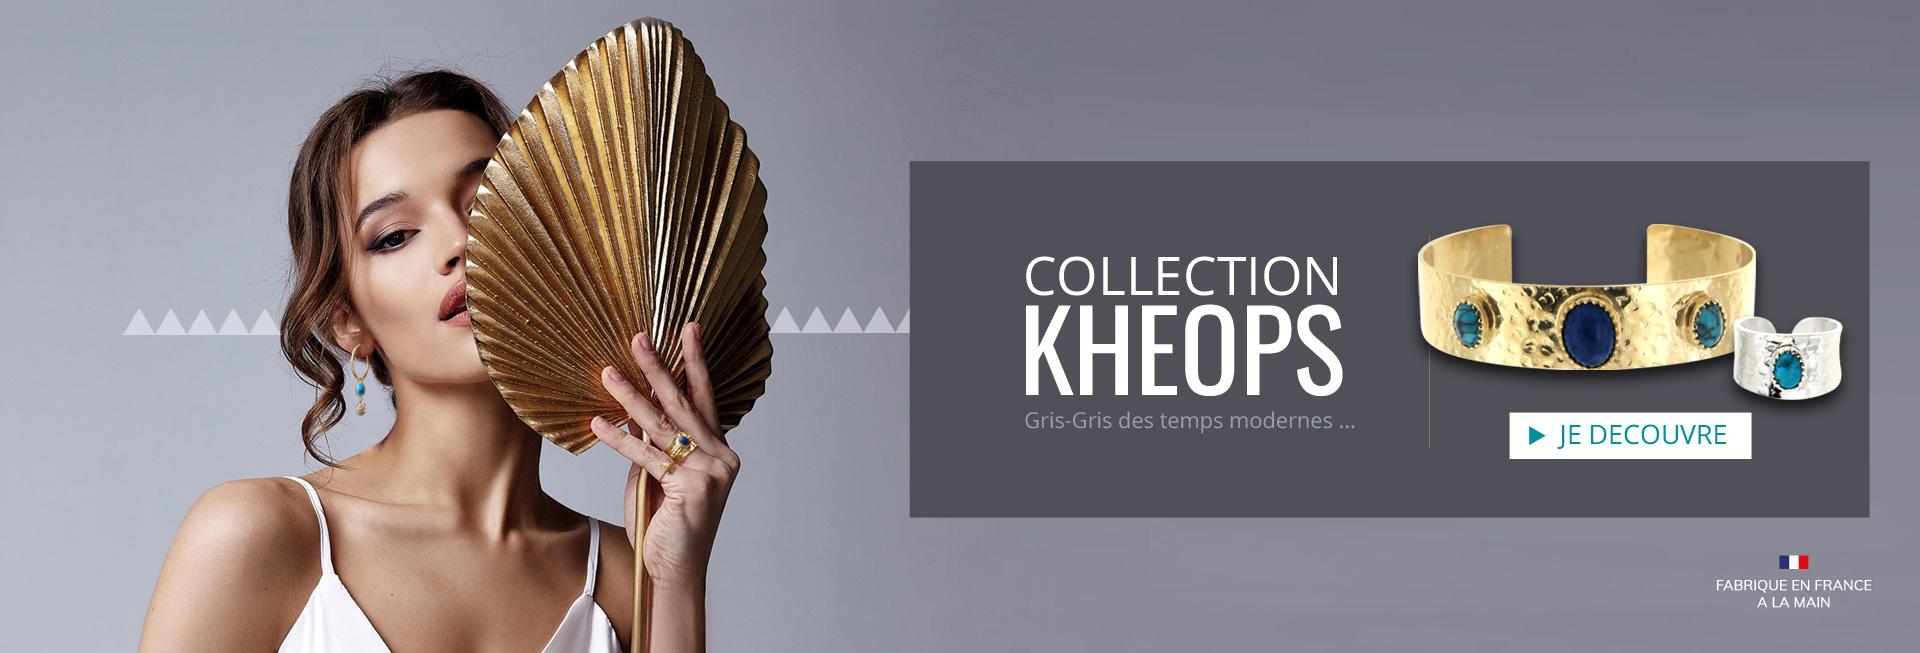 Collection Kheops, craquez pour ces bijoux Argent ou Plaqué Or, sertis à la main dans nos ateliers en France : bagues, bracelets, joncs, boucles d'oreilles... Laissez entrer le soleil dans vos vies...